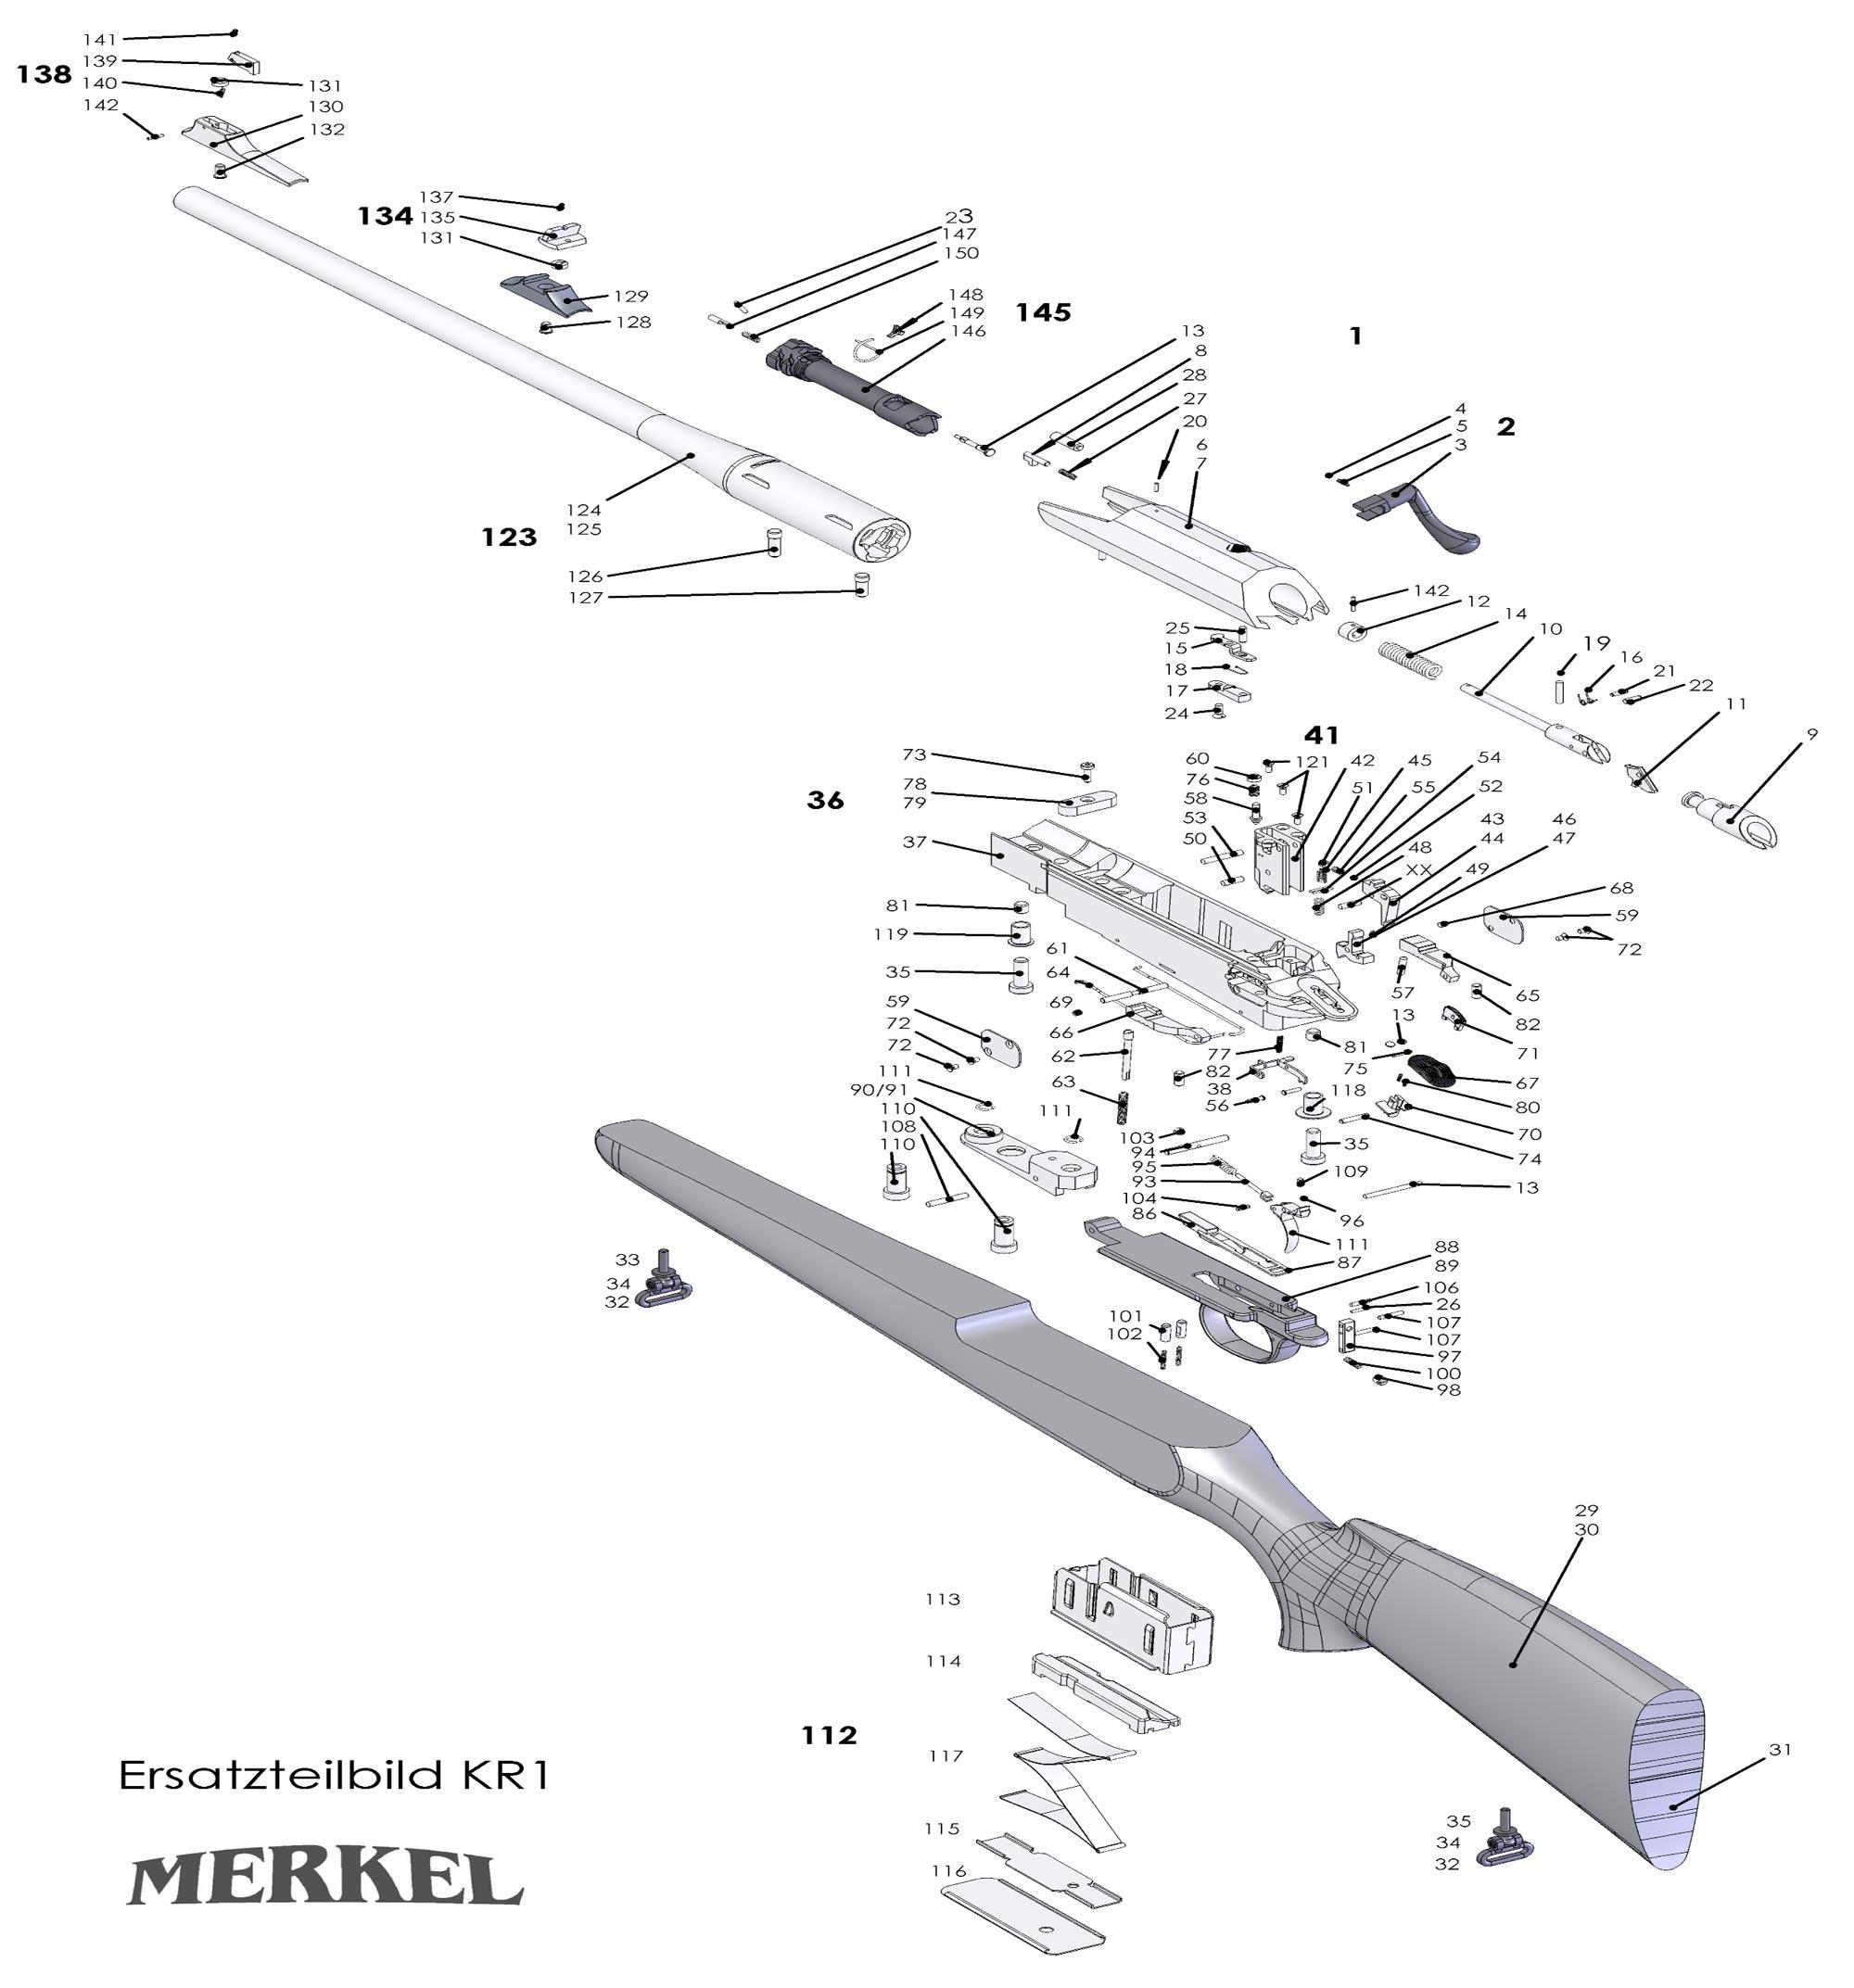 Explosionszeichnung für Merkel KR1